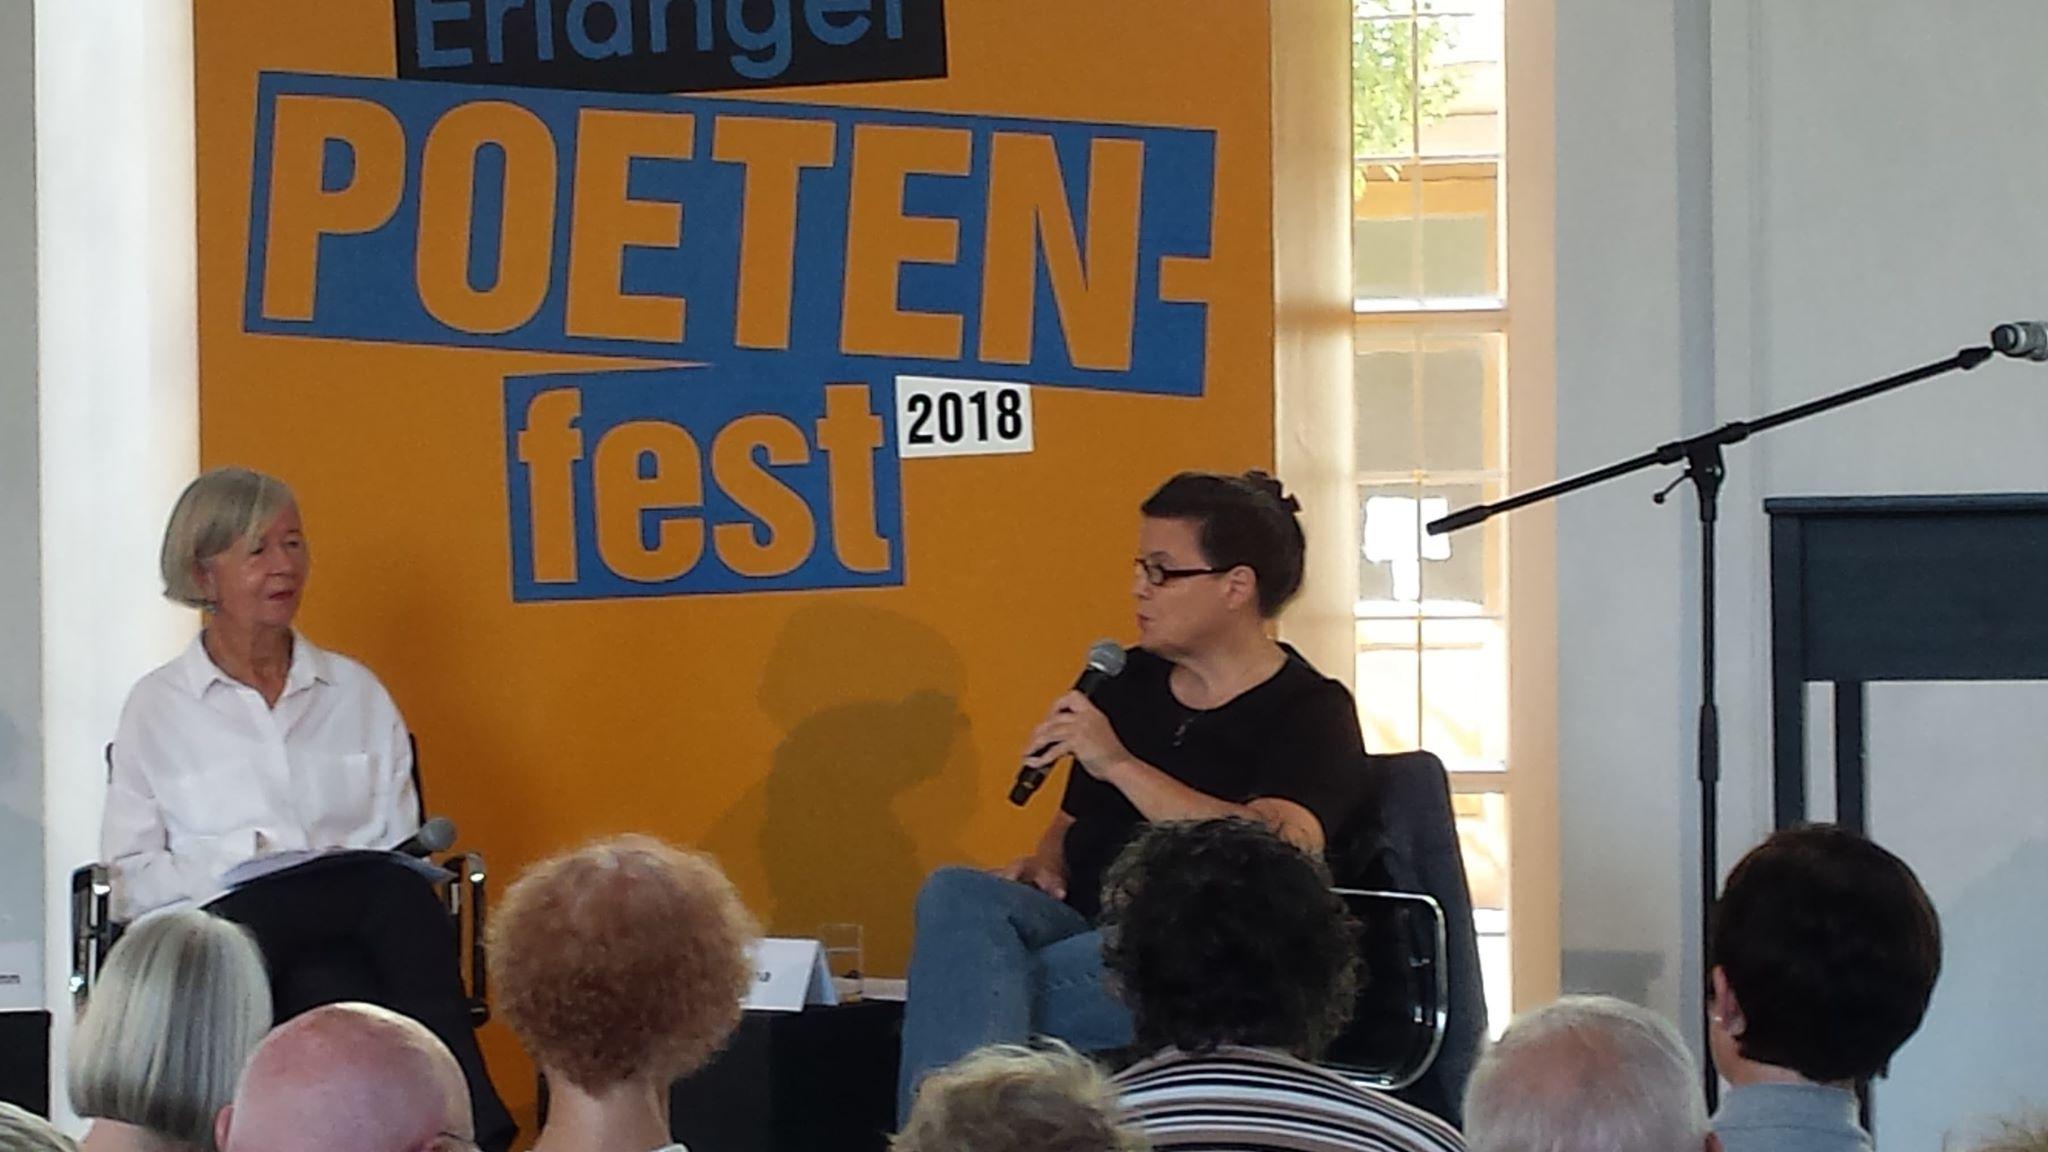 Erlangen Poetenfest 2